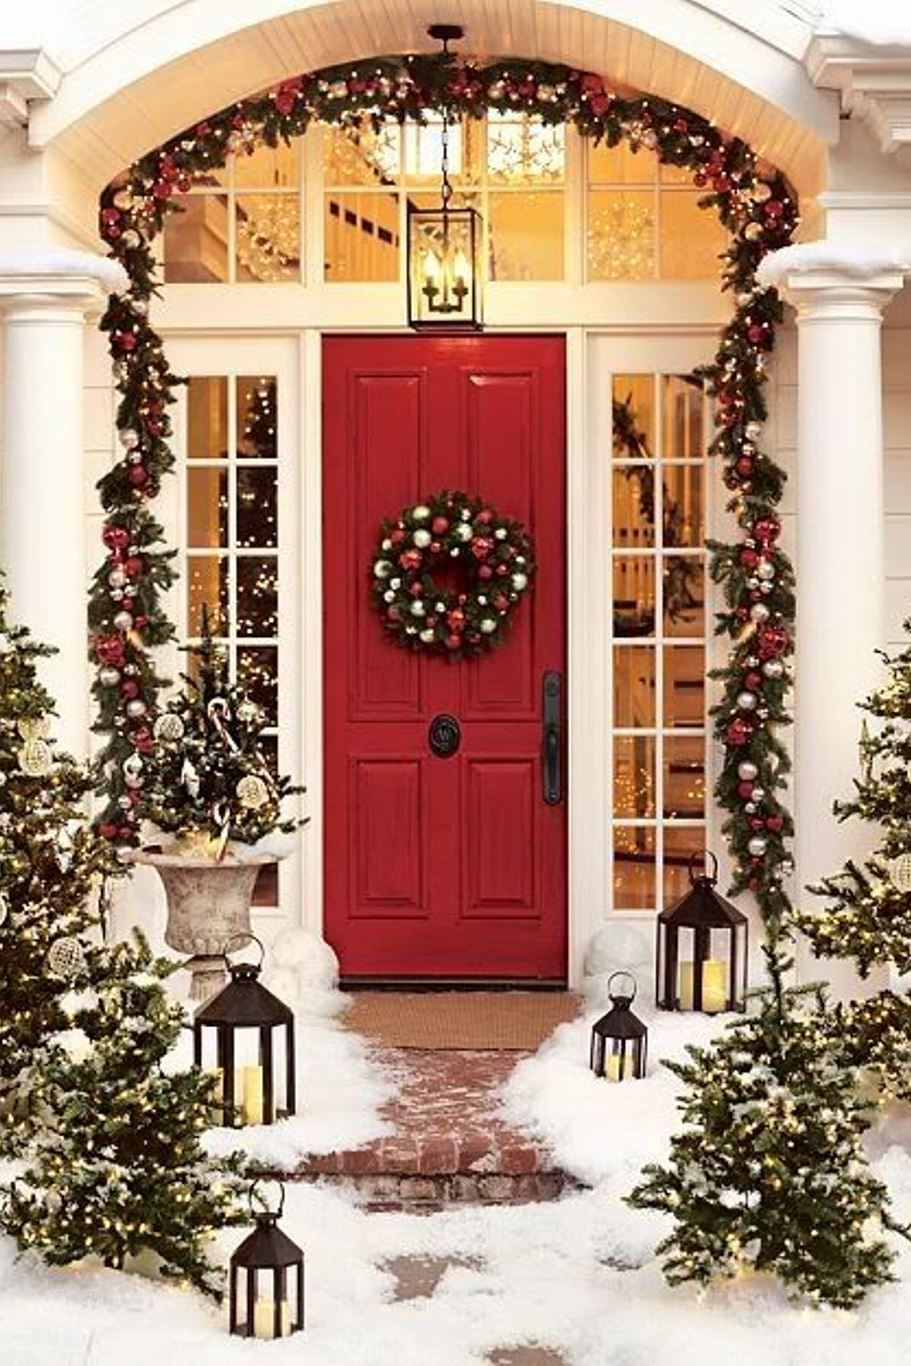 Christmas Door Decorations Wallpapers Wallpaper Cave